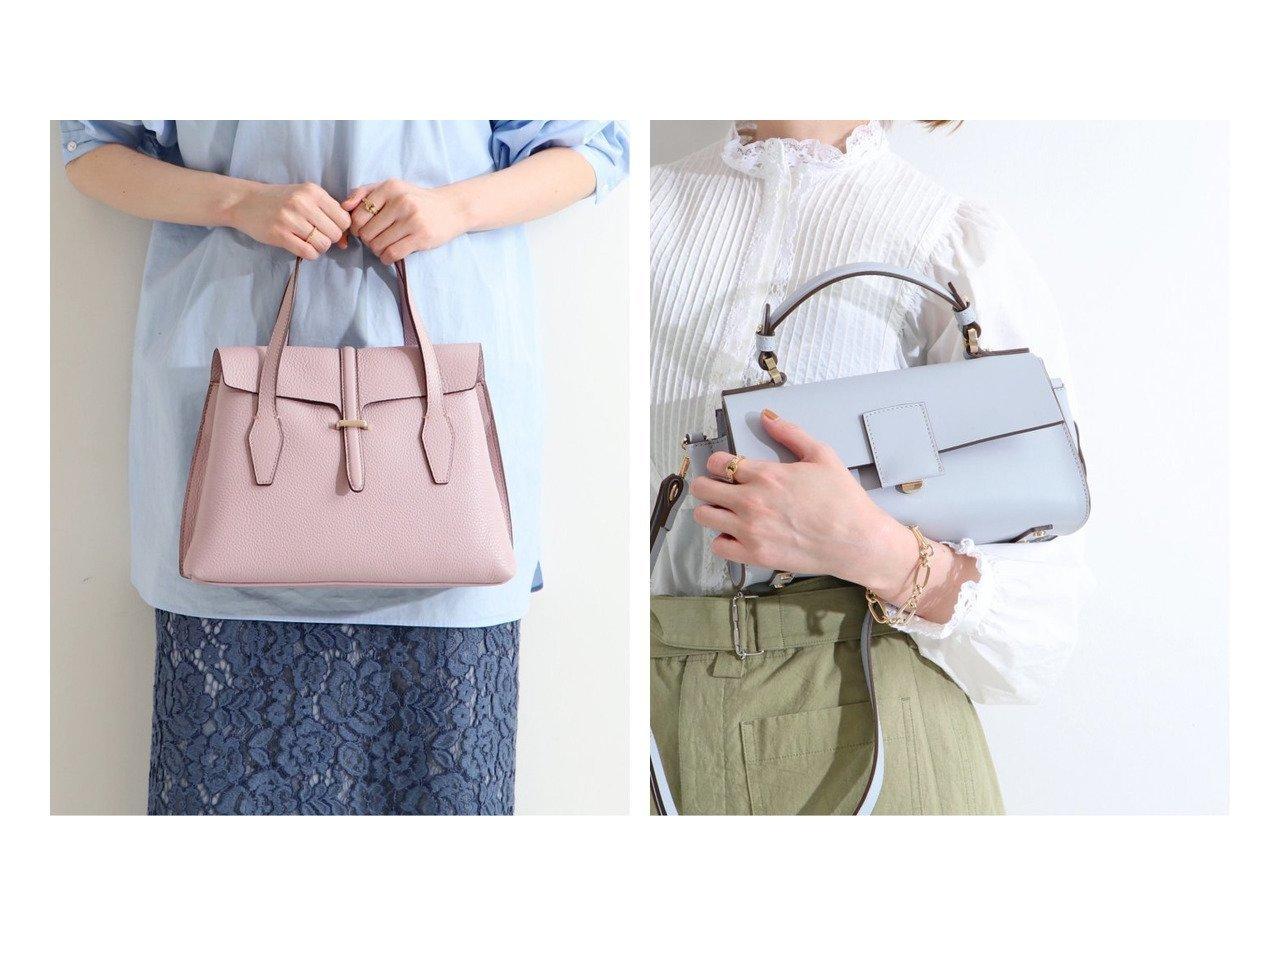 【IENA/イエナ】の【ロリステッラ】Smallレザーバッグ&【ロリステッラ】ハンドルバッグ バッグ・鞄のおすすめ!人気、トレンド・レディースファッションの通販 おすすめで人気の流行・トレンド、ファッションの通販商品 メンズファッション・キッズファッション・インテリア・家具・レディースファッション・服の通販 founy(ファニー) https://founy.com/ ファッション Fashion レディースファッション WOMEN バッグ Bag 2021年 2021 2021 春夏 S/S SS Spring/Summer 2021 S/S 春夏 SS Spring/Summer イタリア スタイリッシュ ハンドバッグ パターン ファブリック フェミニン フォルム モダン 人気 春 Spring 秋 Autumn/Fall |ID:crp329100000023943